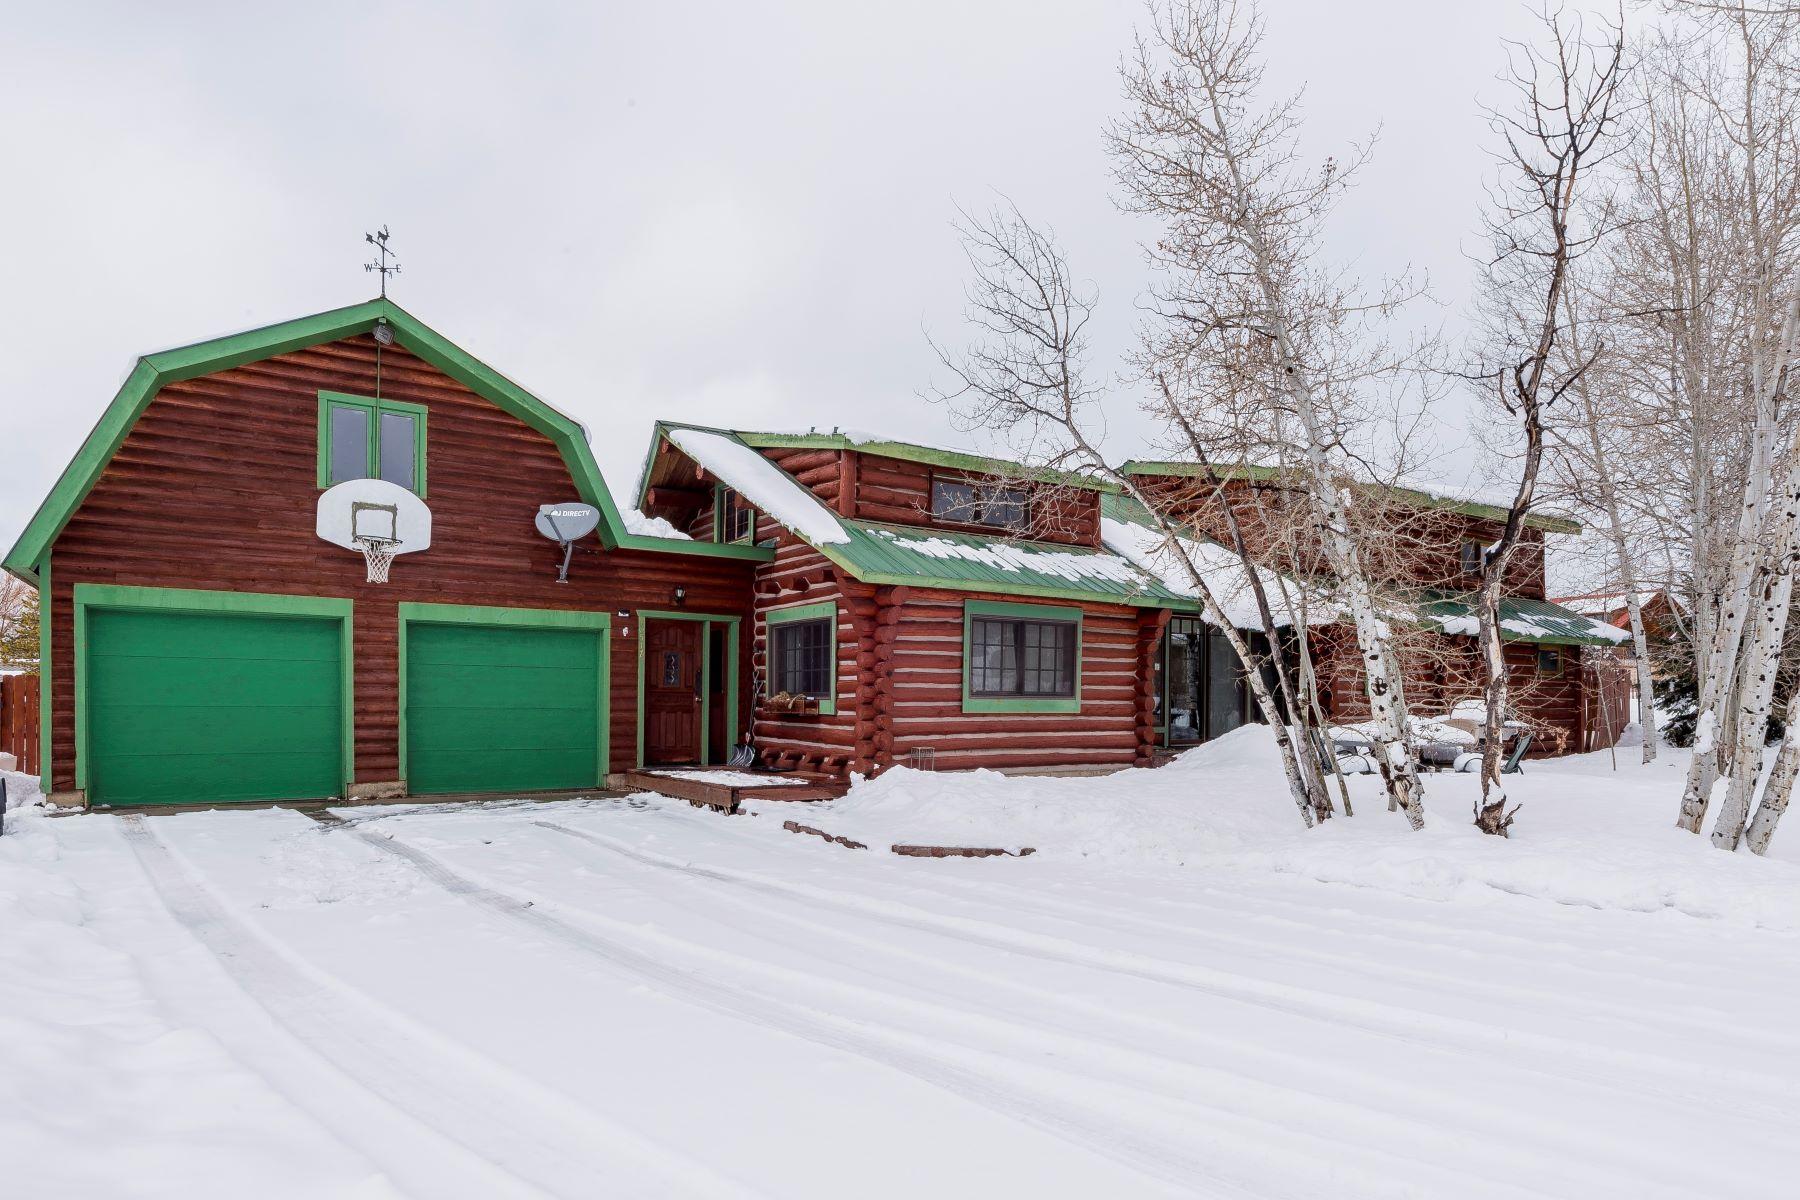 Частный односемейный дом для того Продажа на Spacious Steamboat II Home 40517 Steamboat Drive, Steamboat Springs, Колорадо, 80487 Соединенные Штаты